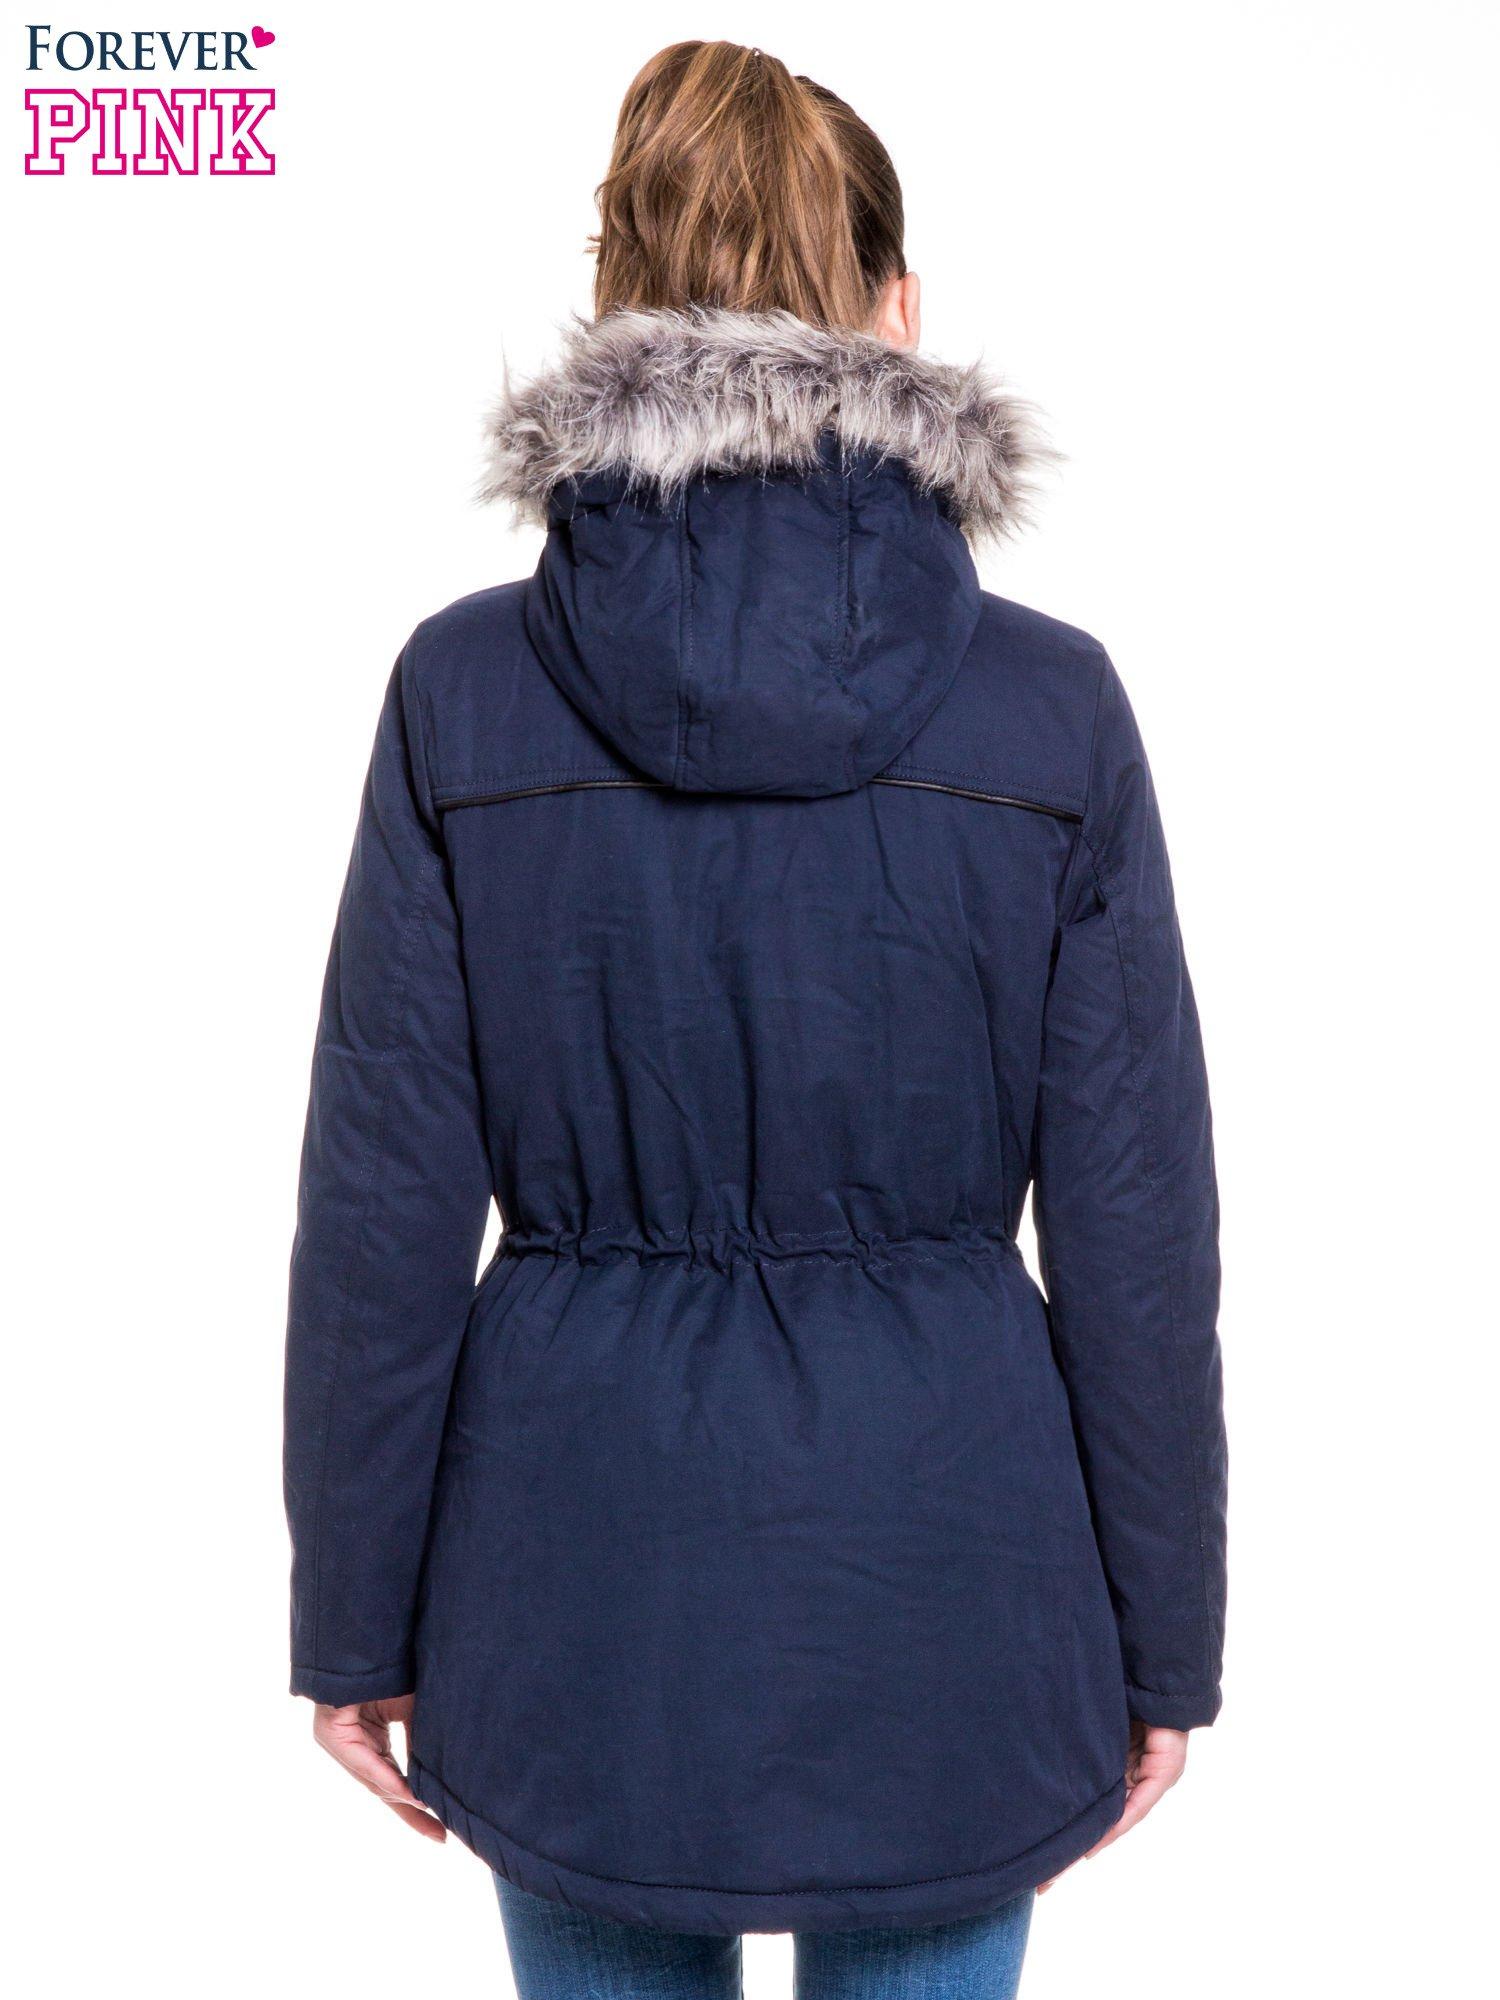 Granatowa kurtka typu parka z futrzanym kapturem i skórzaną lamówką                                  zdj.                                  4